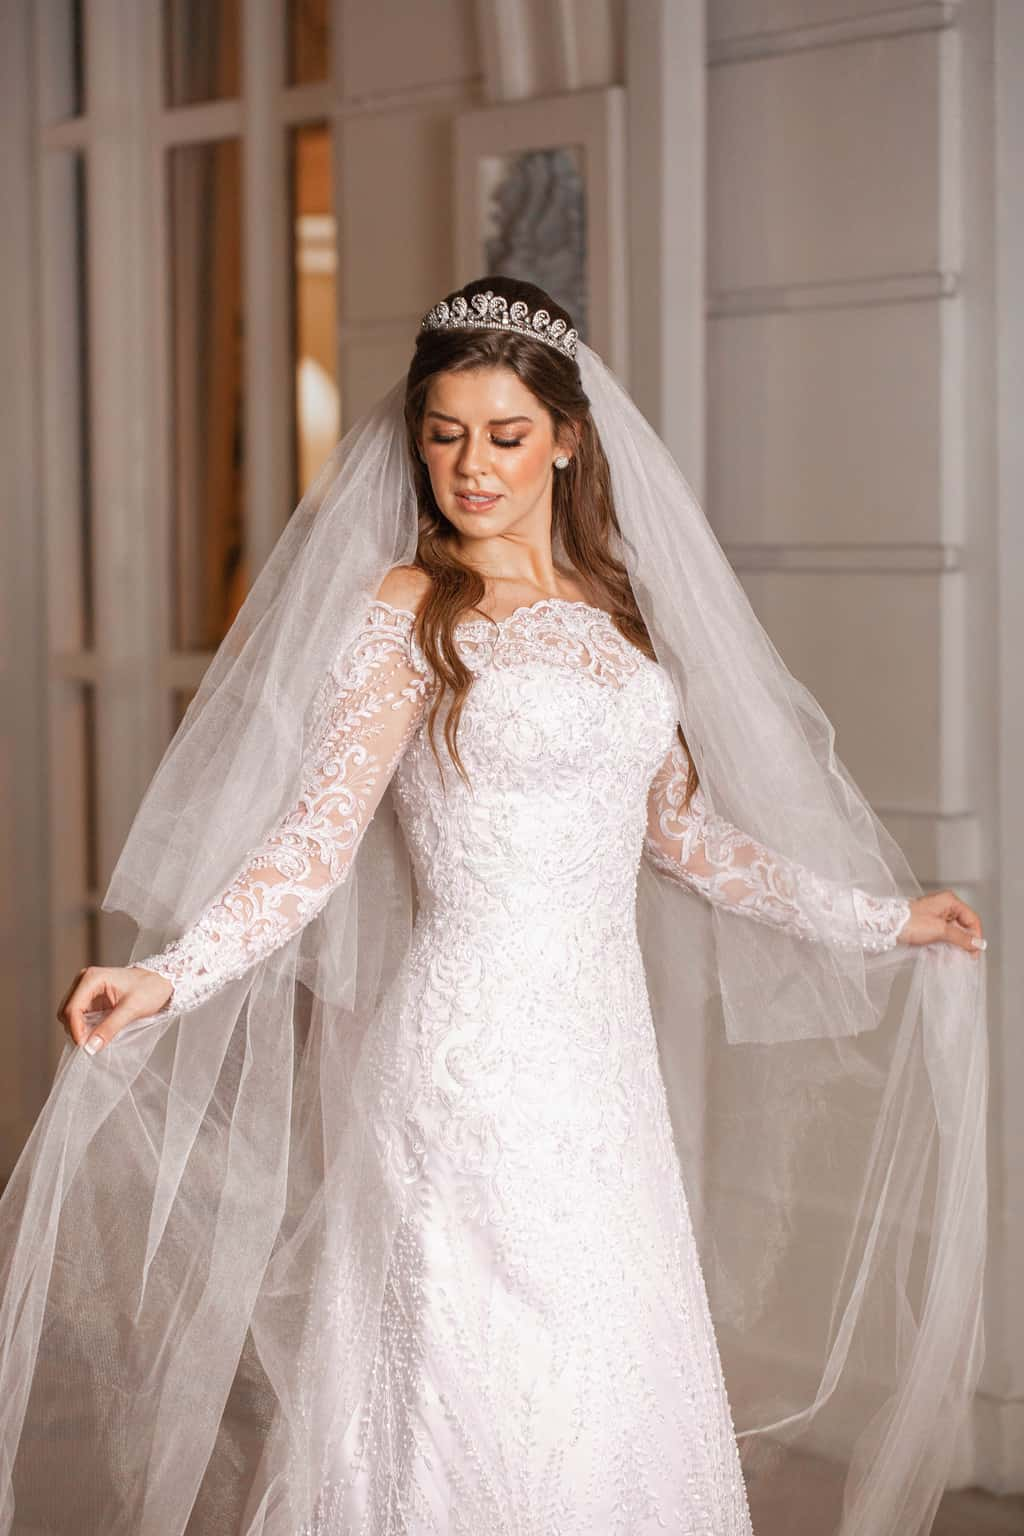 beleza-da-noiva-casamento-Raquel-e-Igor-fotografia-VRebel150